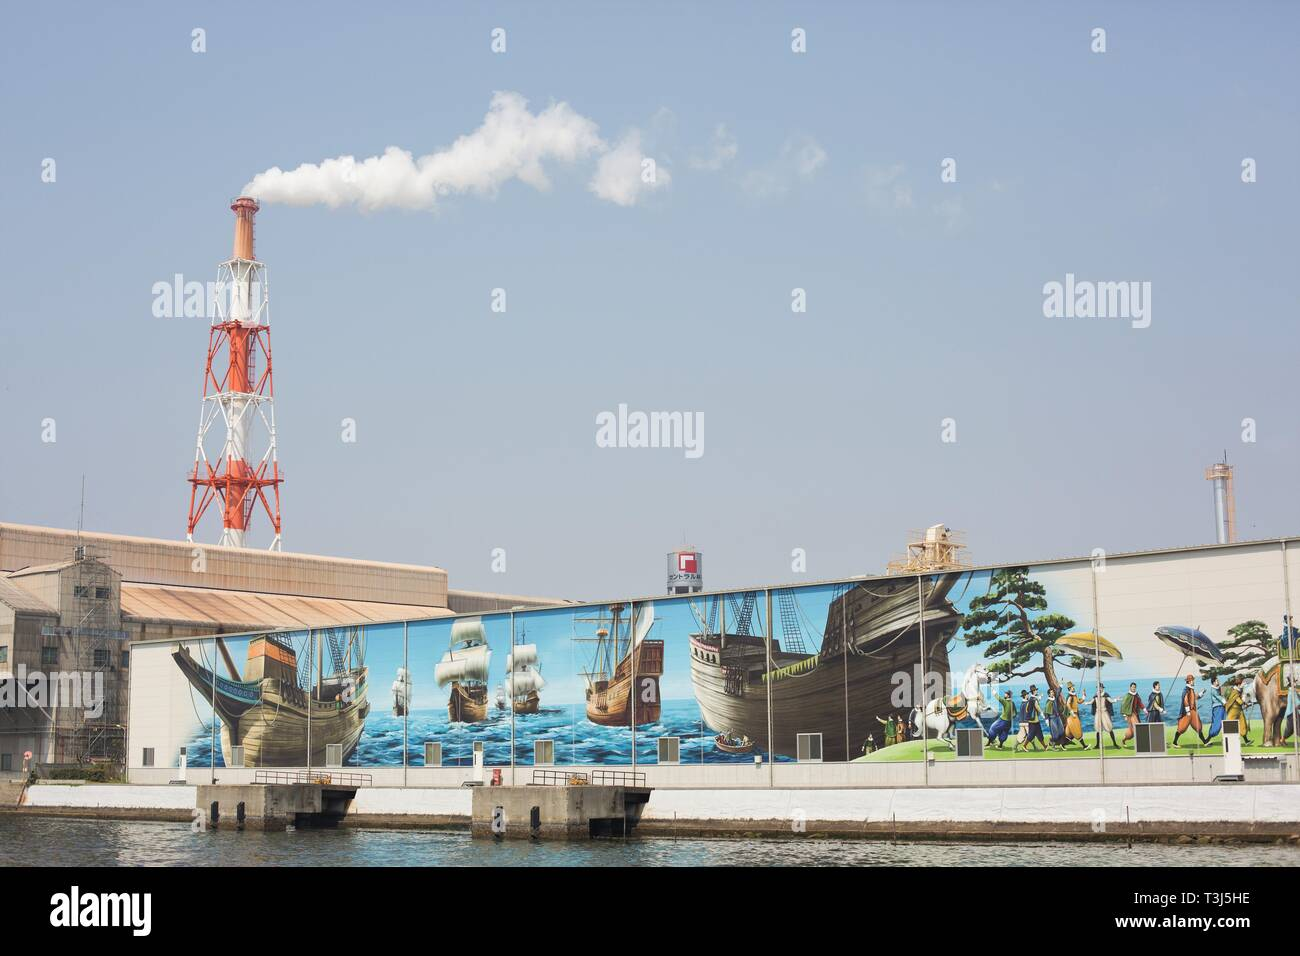 Ein riesiges Wandbild und Schornstein in einem Hafen in Sakai City, Osaka, Japan. Stockbild